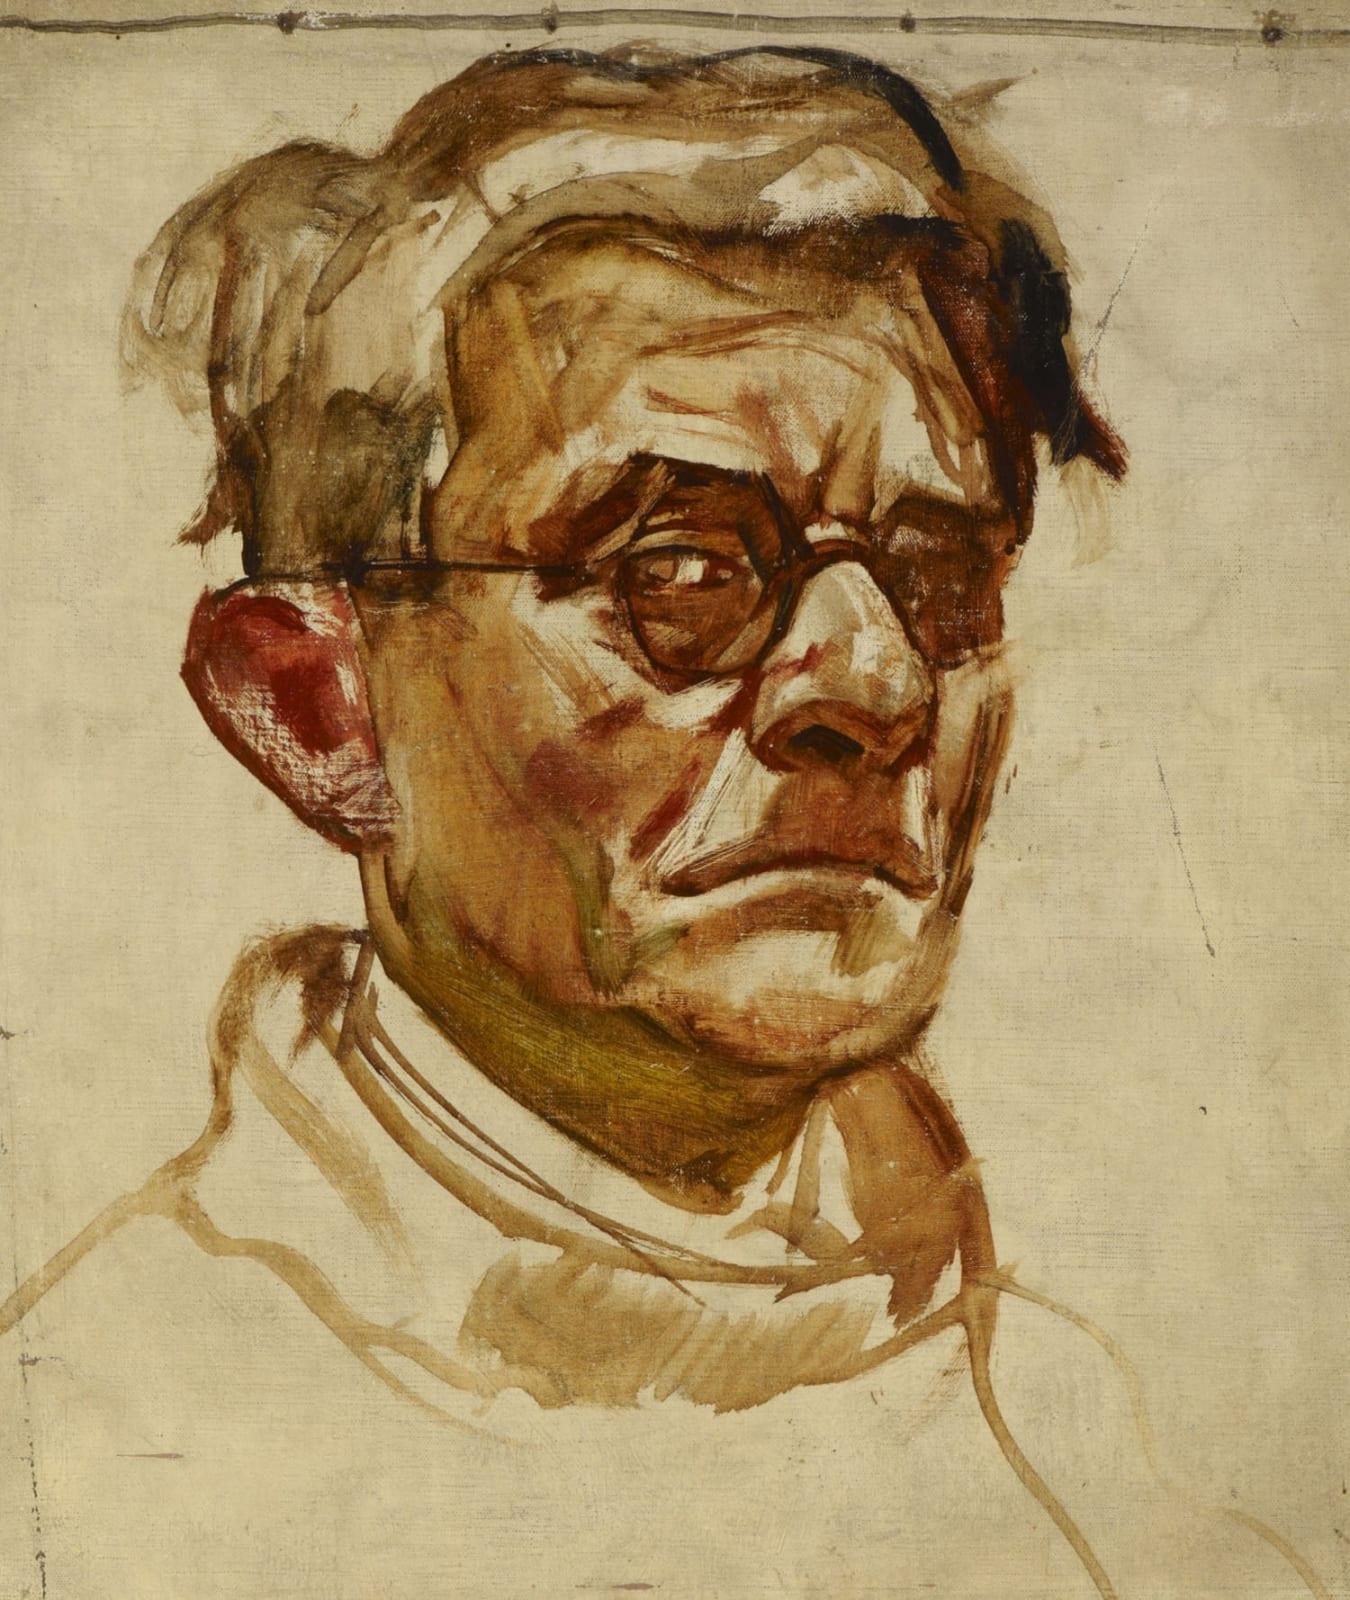 Eugen Hersch (1887-1967) Self Portrait Sketch n.d. Oil on canvas on board 39 x 35 cm Ben Uri Collection © Eugen Hersch estate